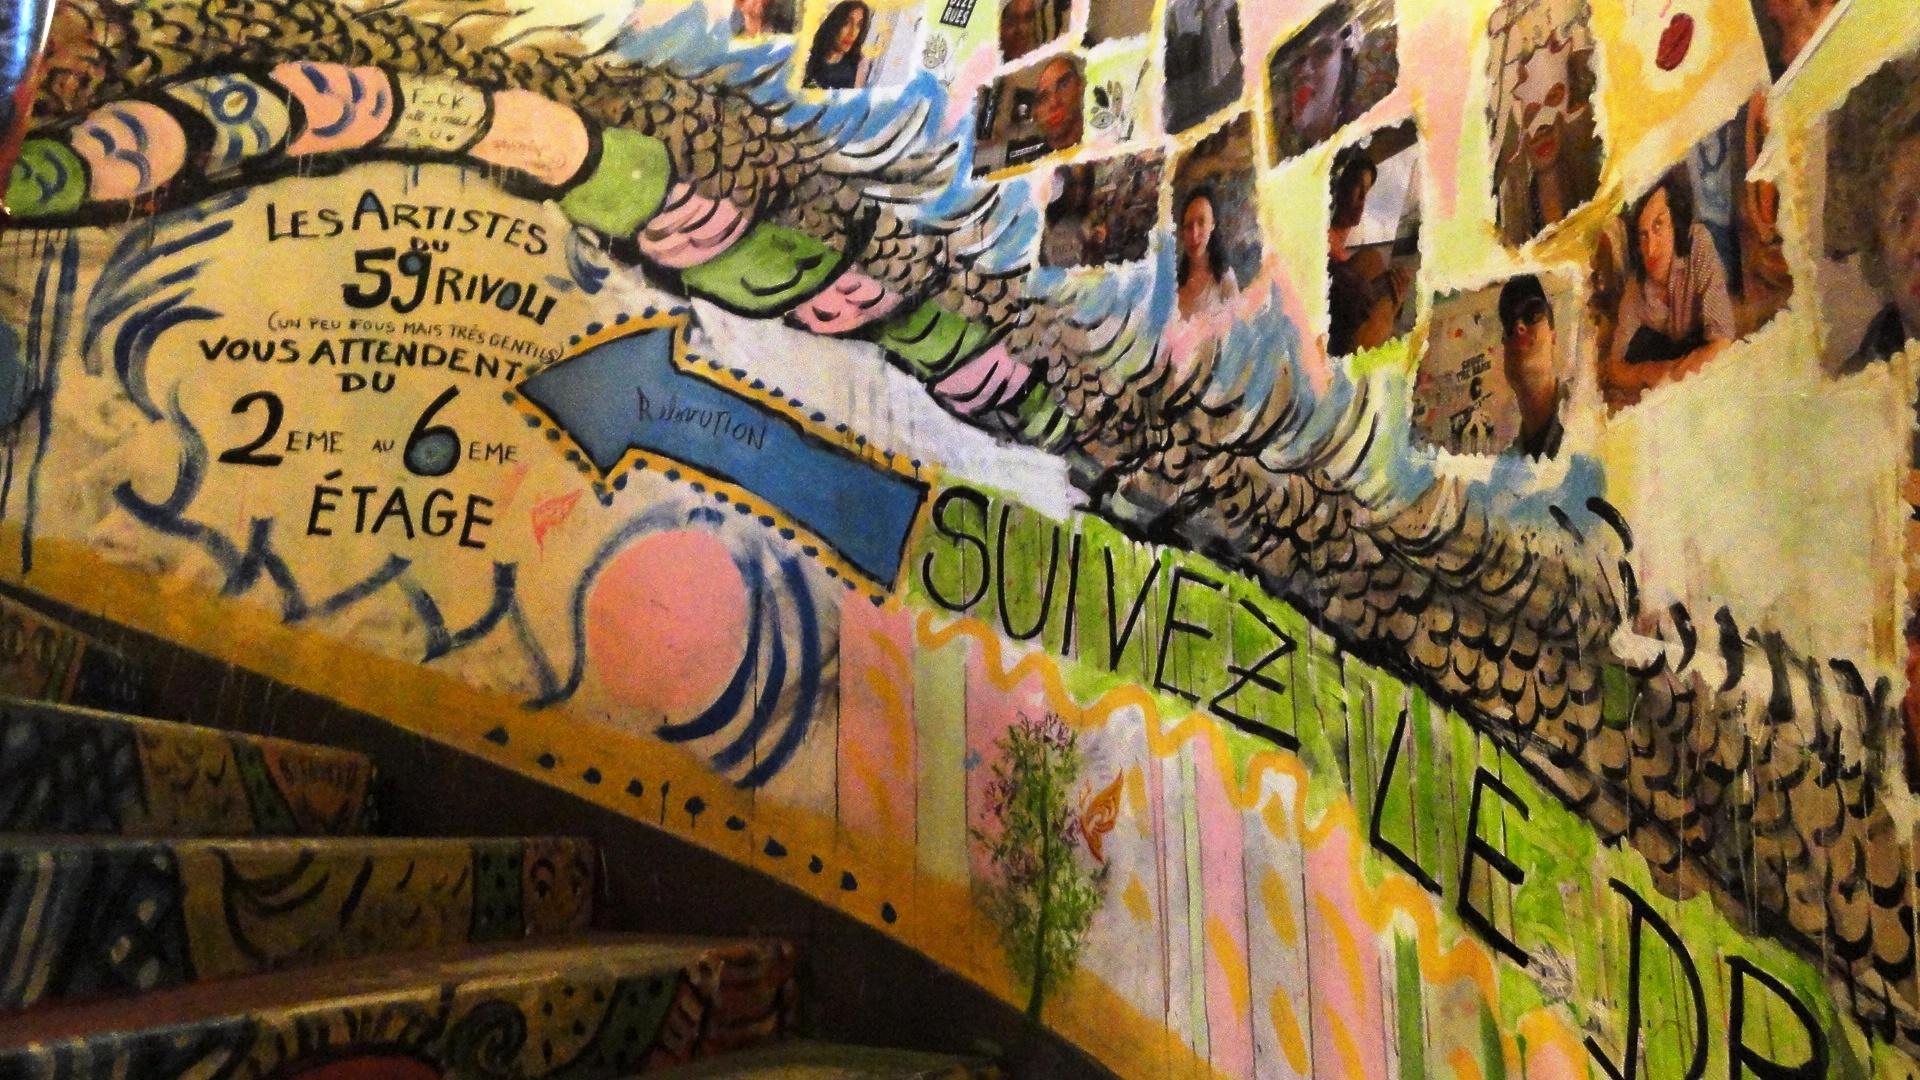 59 rue de Rivoli, Paris 1er - Escalier